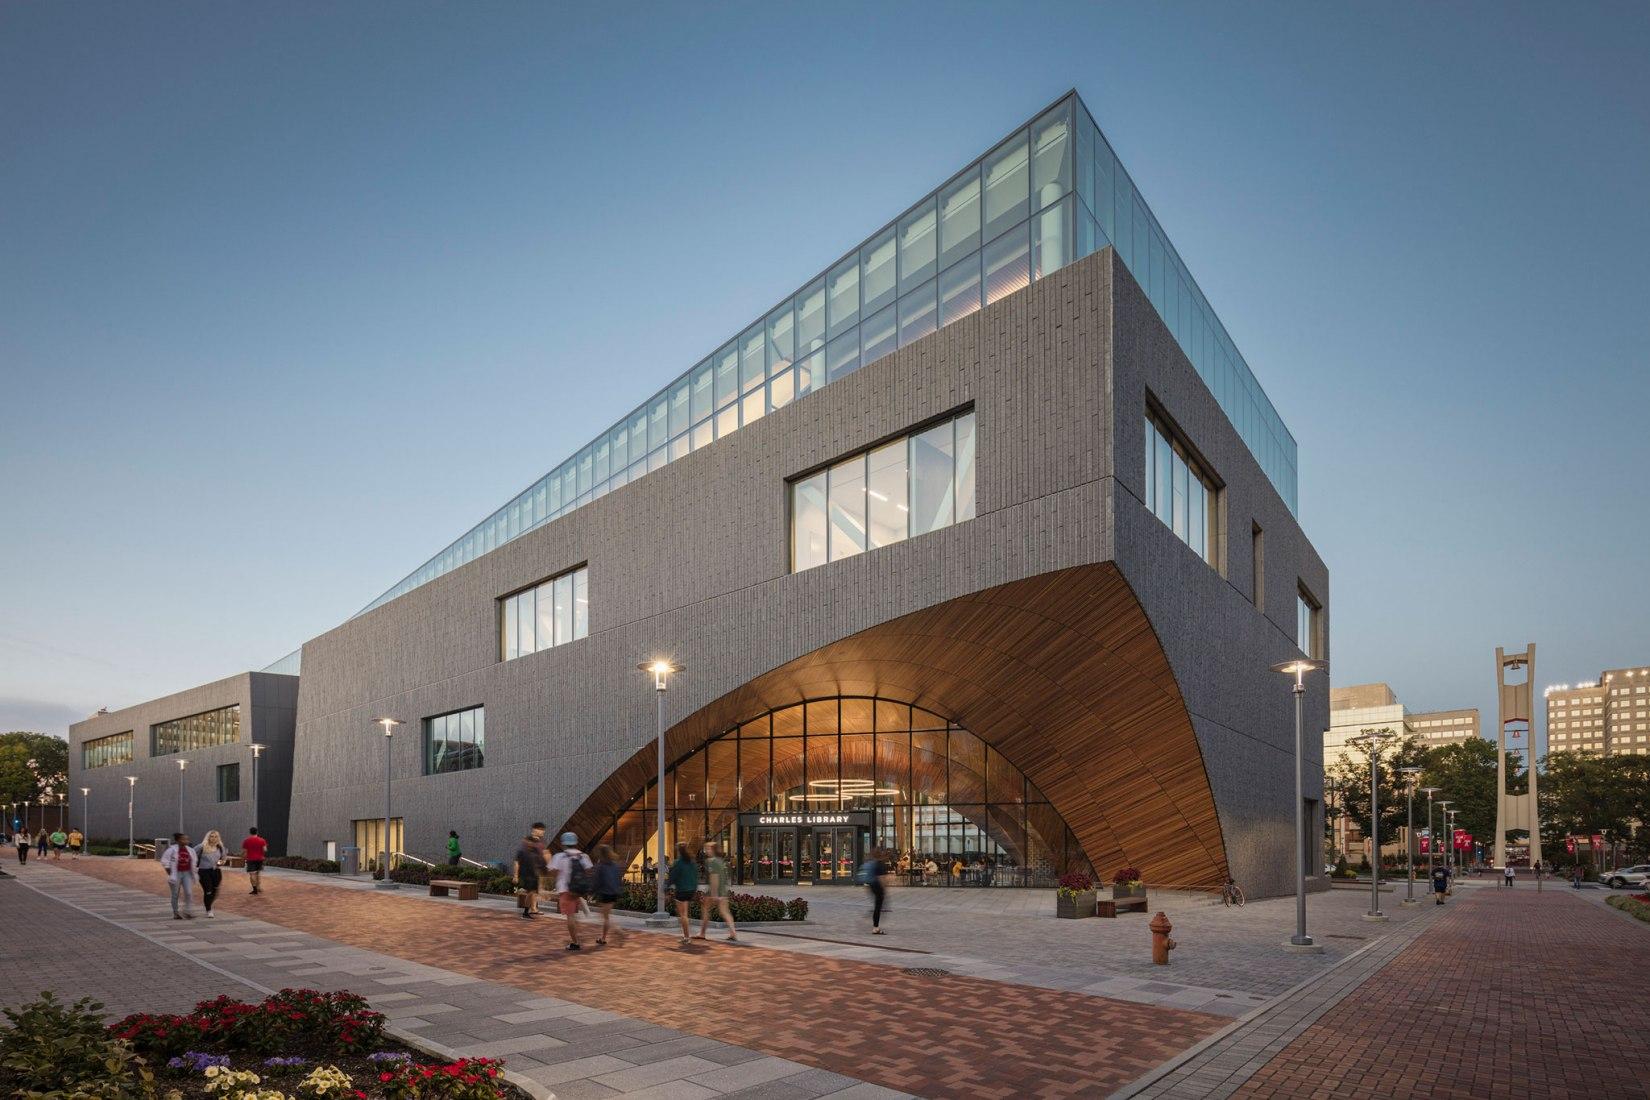 Inauguración de la biblioteca Charles diseñada por Snøhetta | Sobre Arquitectura y más | Desde 1998